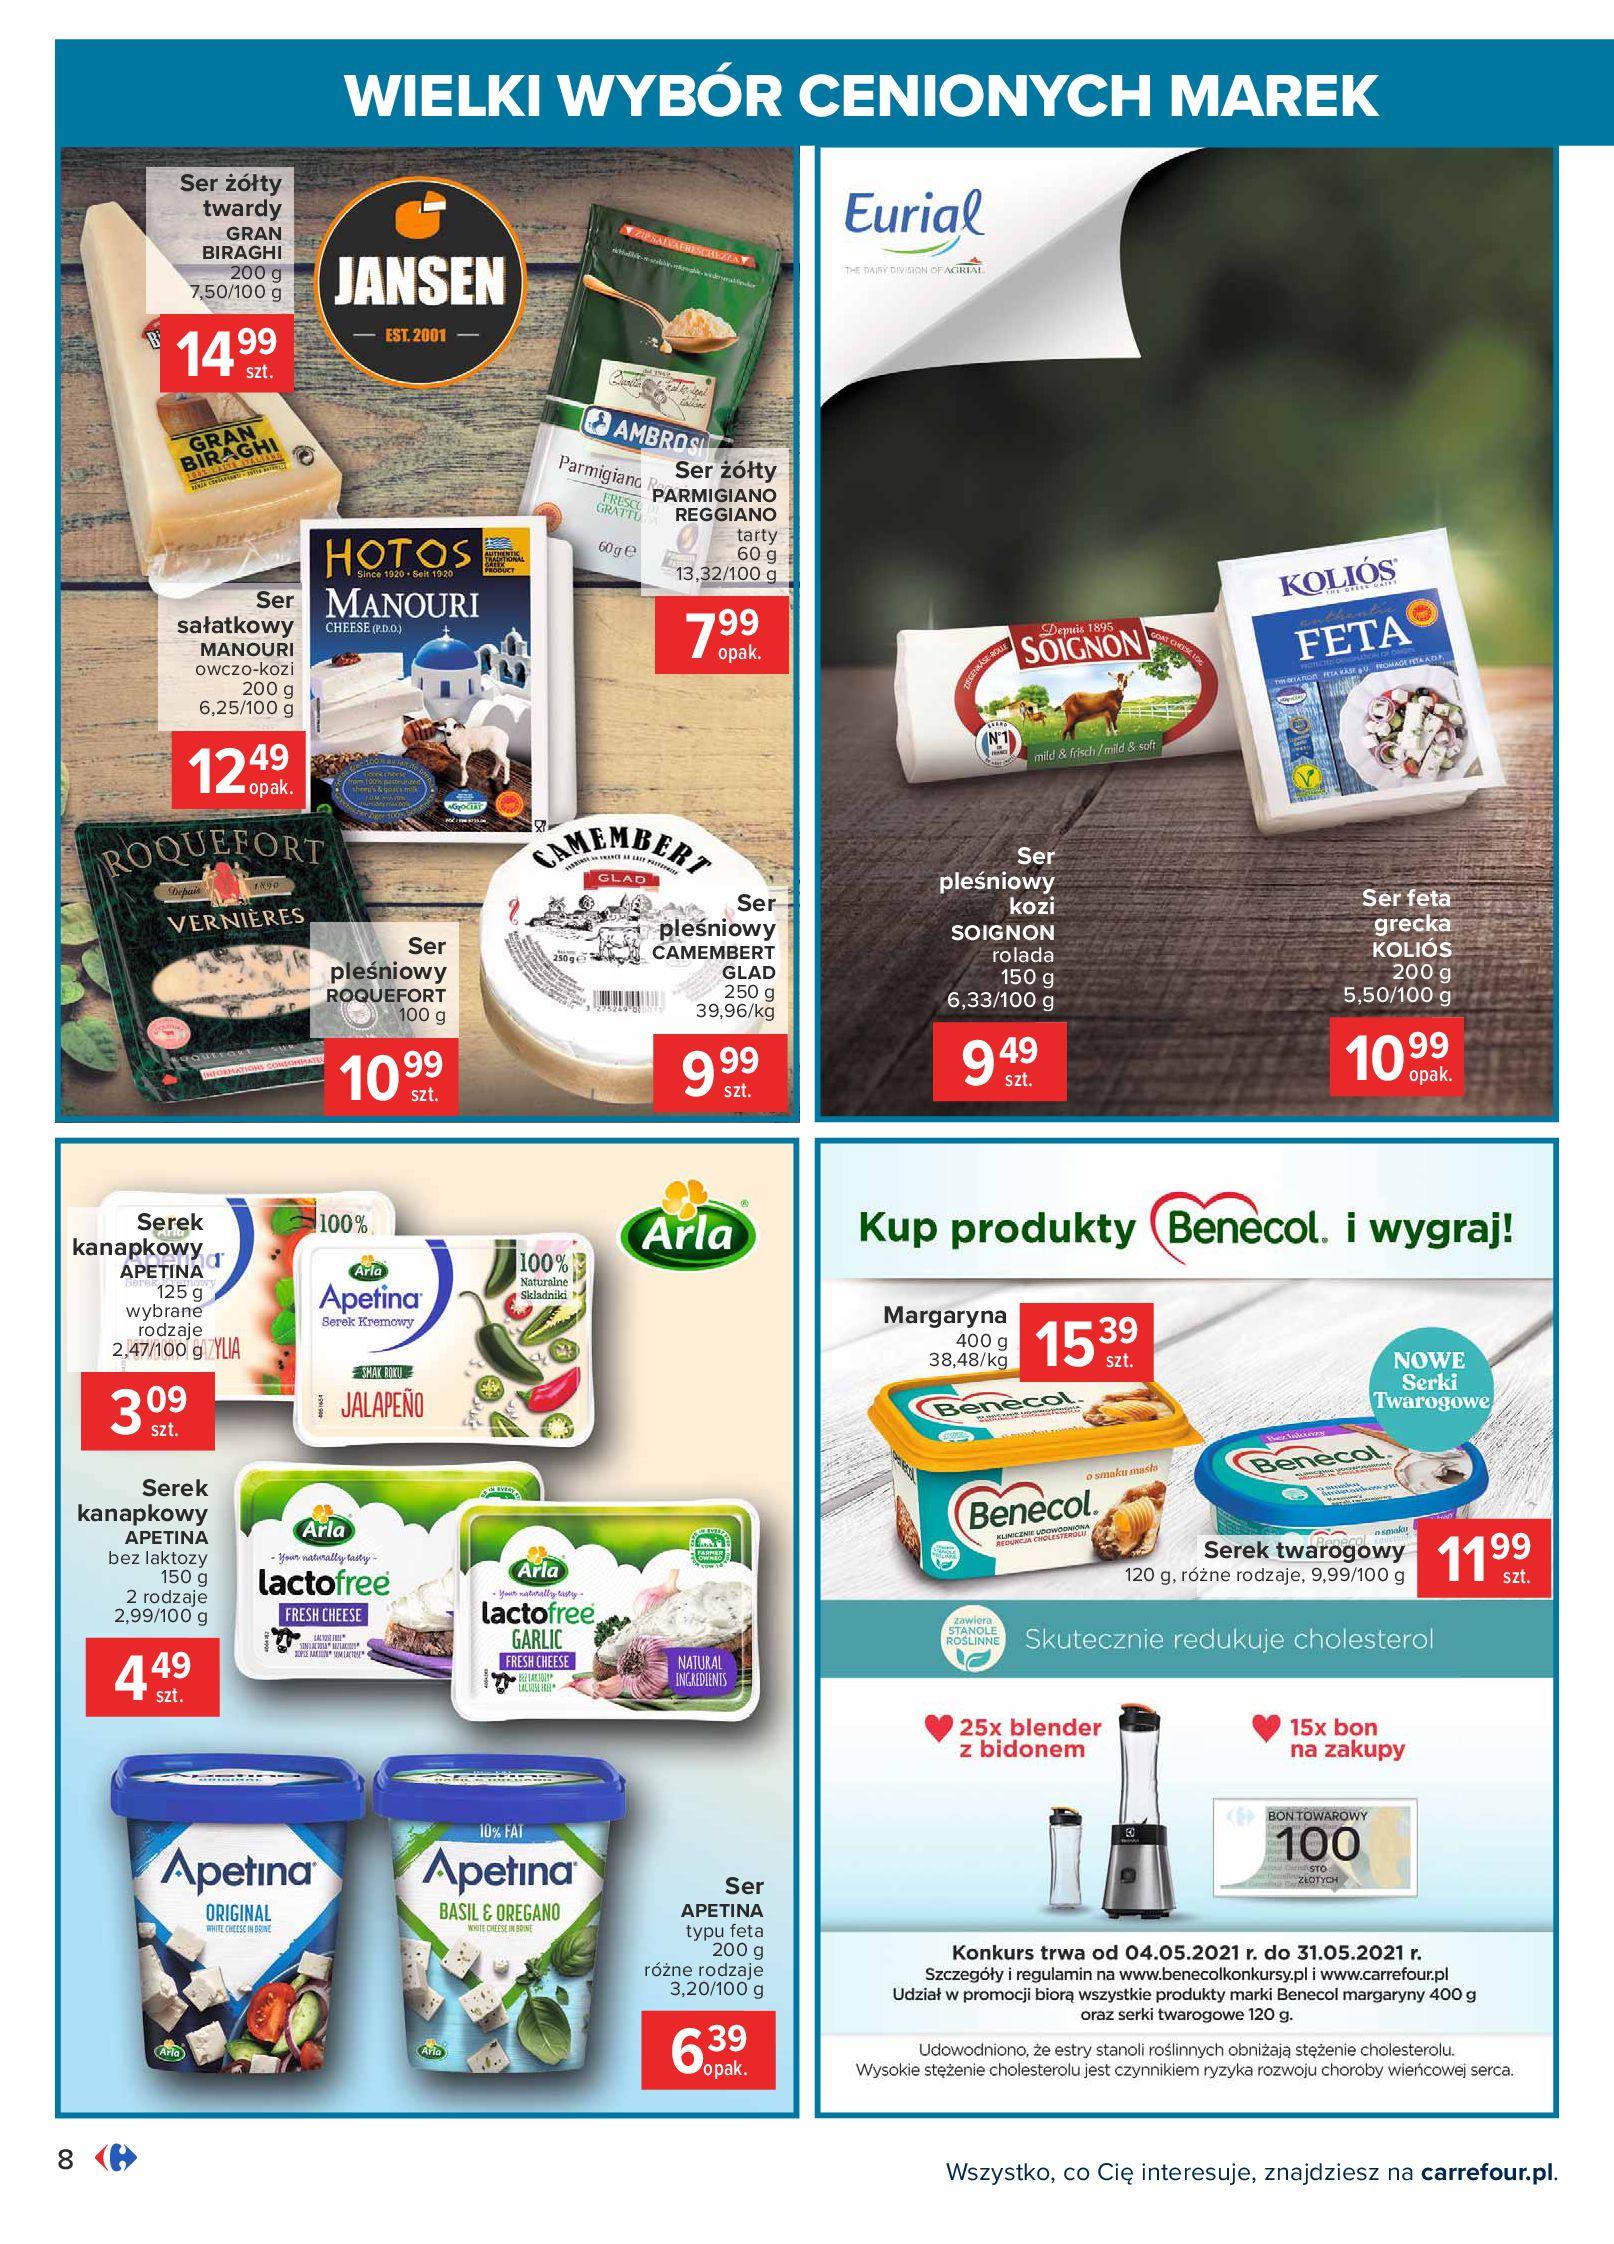 Gazetka Carrefour: Wielki wybór cenionych marek 2021-05-04 page-8